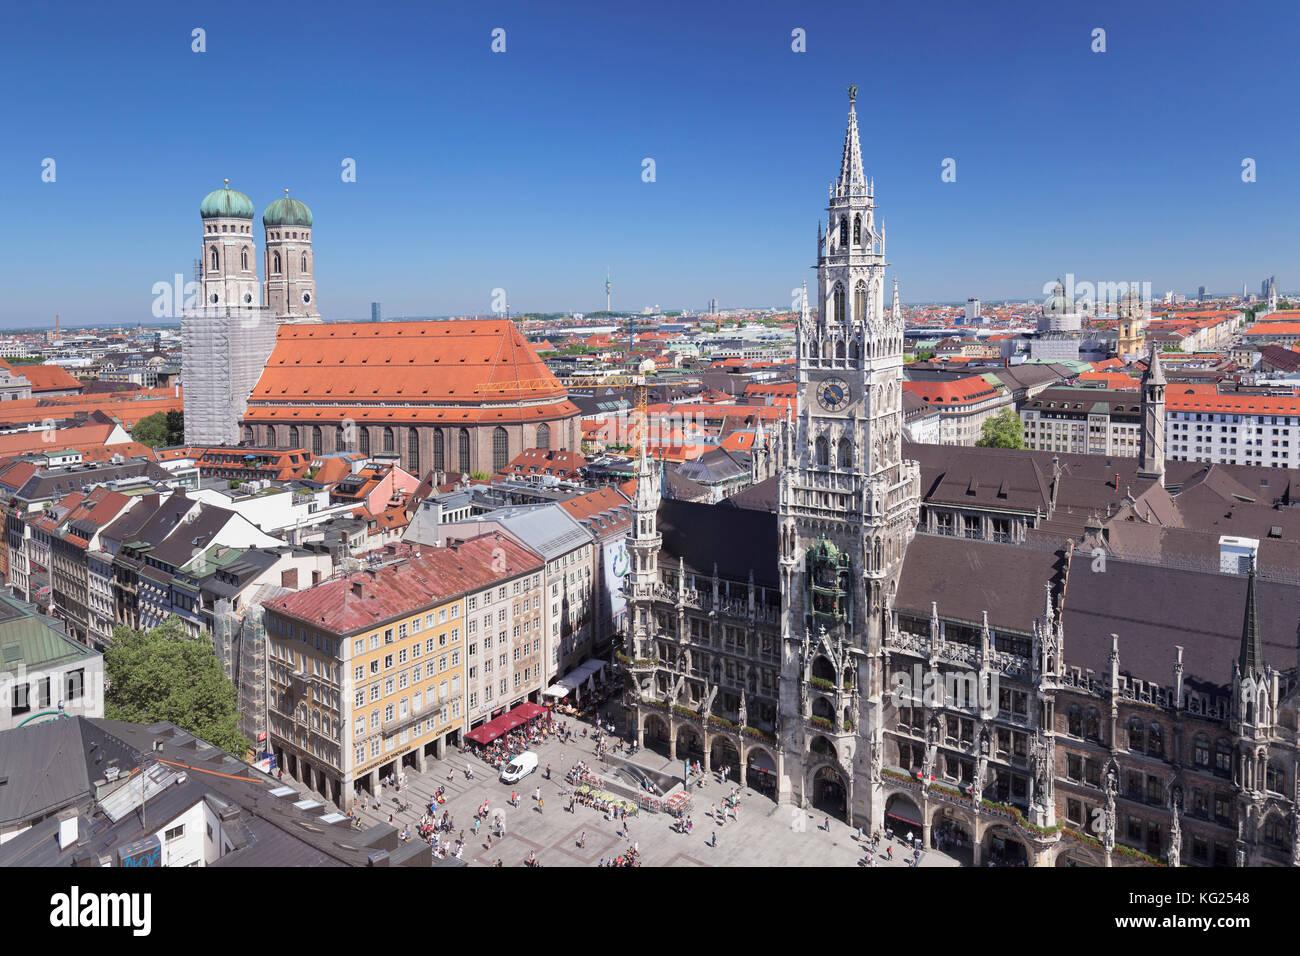 La plaza Marienplatz con el ayuntamiento (Neues Rathaus) y la iglesia Frauenkirche, Munich, Baviera, Alemania, Europa Imagen De Stock